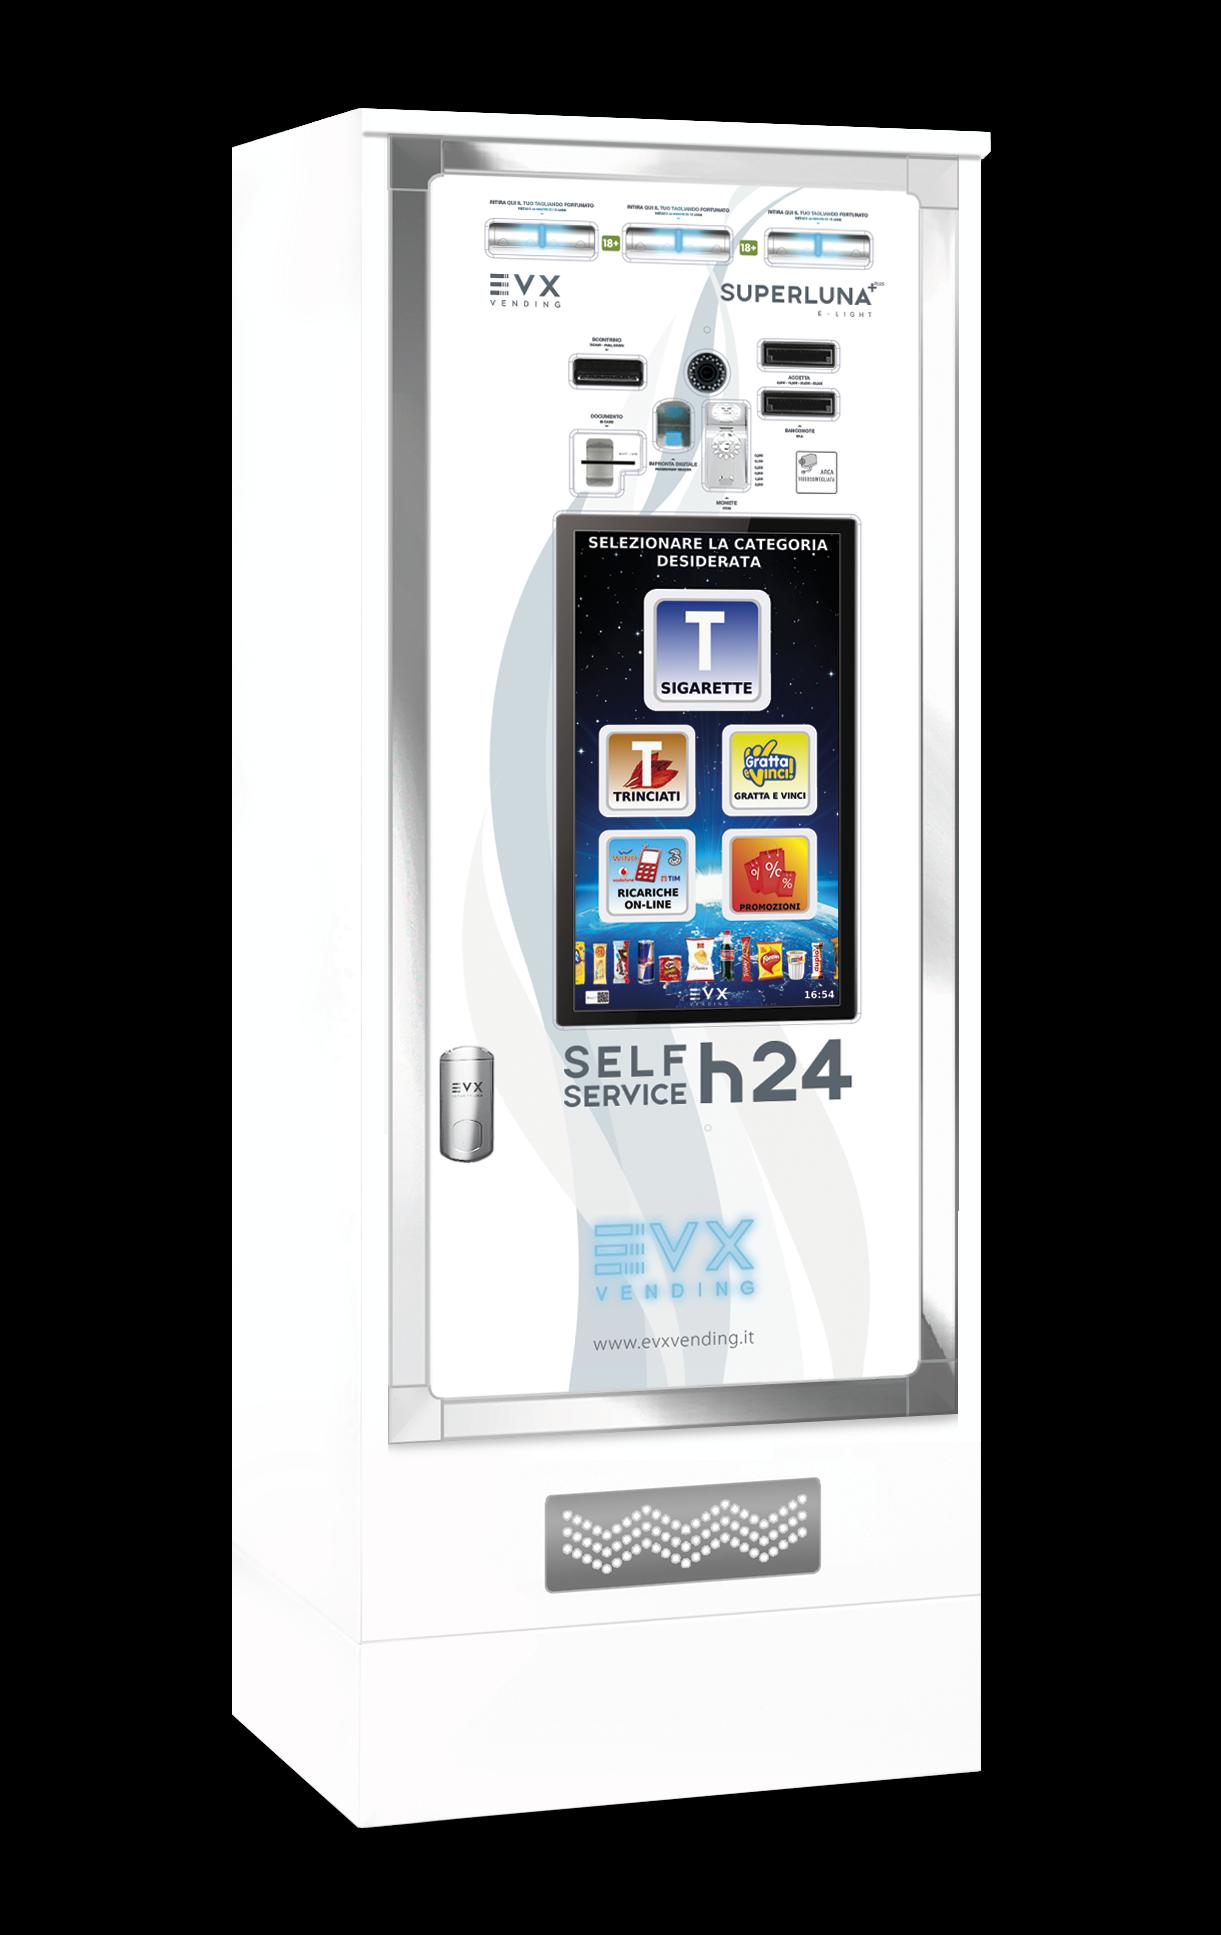 Superluna +Plus EVX Distributore automatico di sigarette bianco